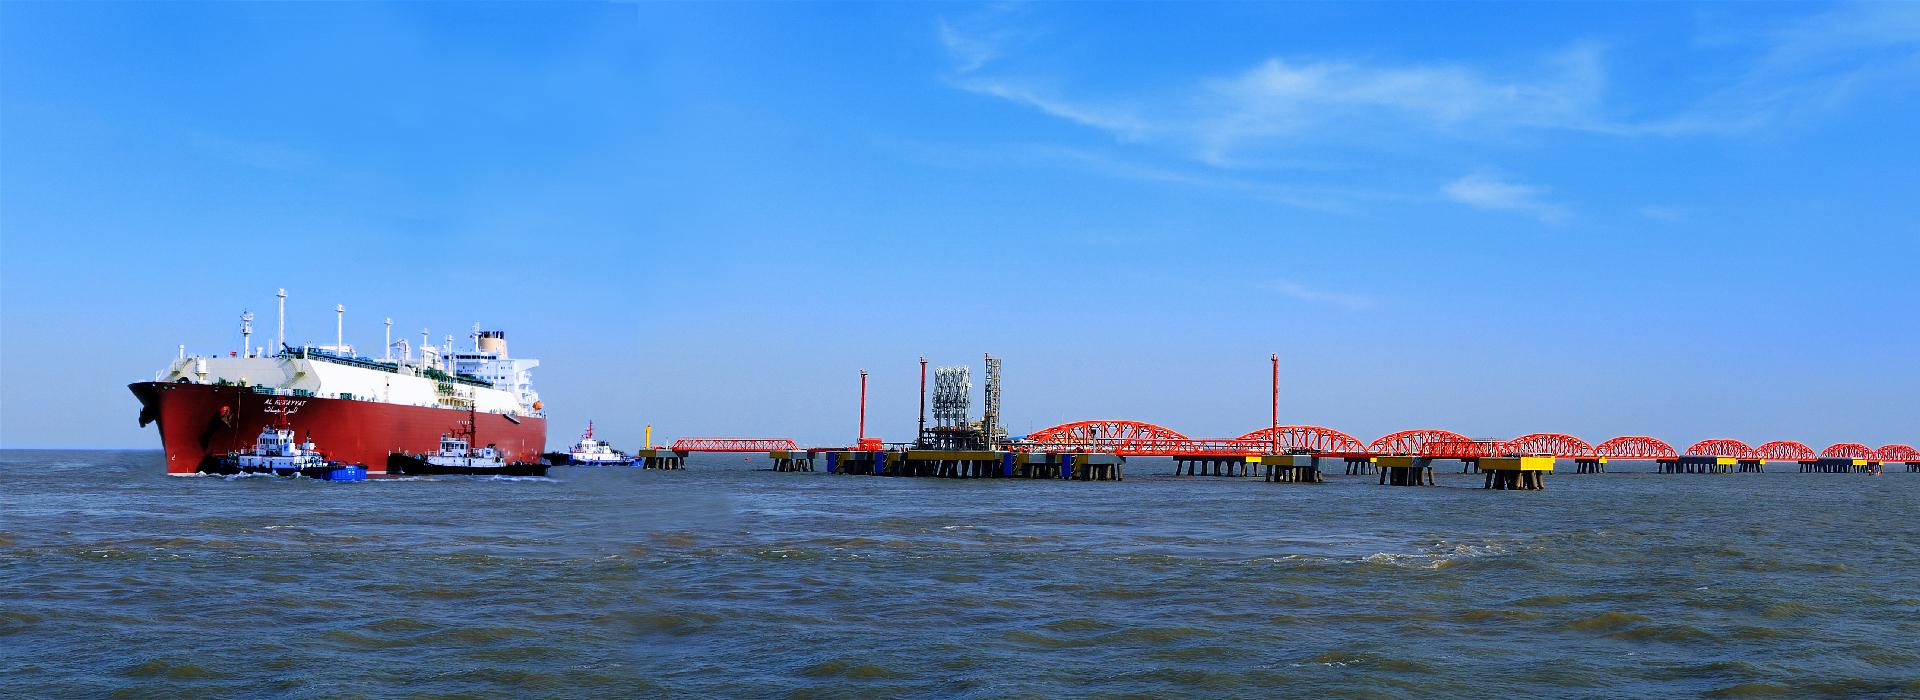 Jiangsu Rudong Yangkou Port Economic Development Zone